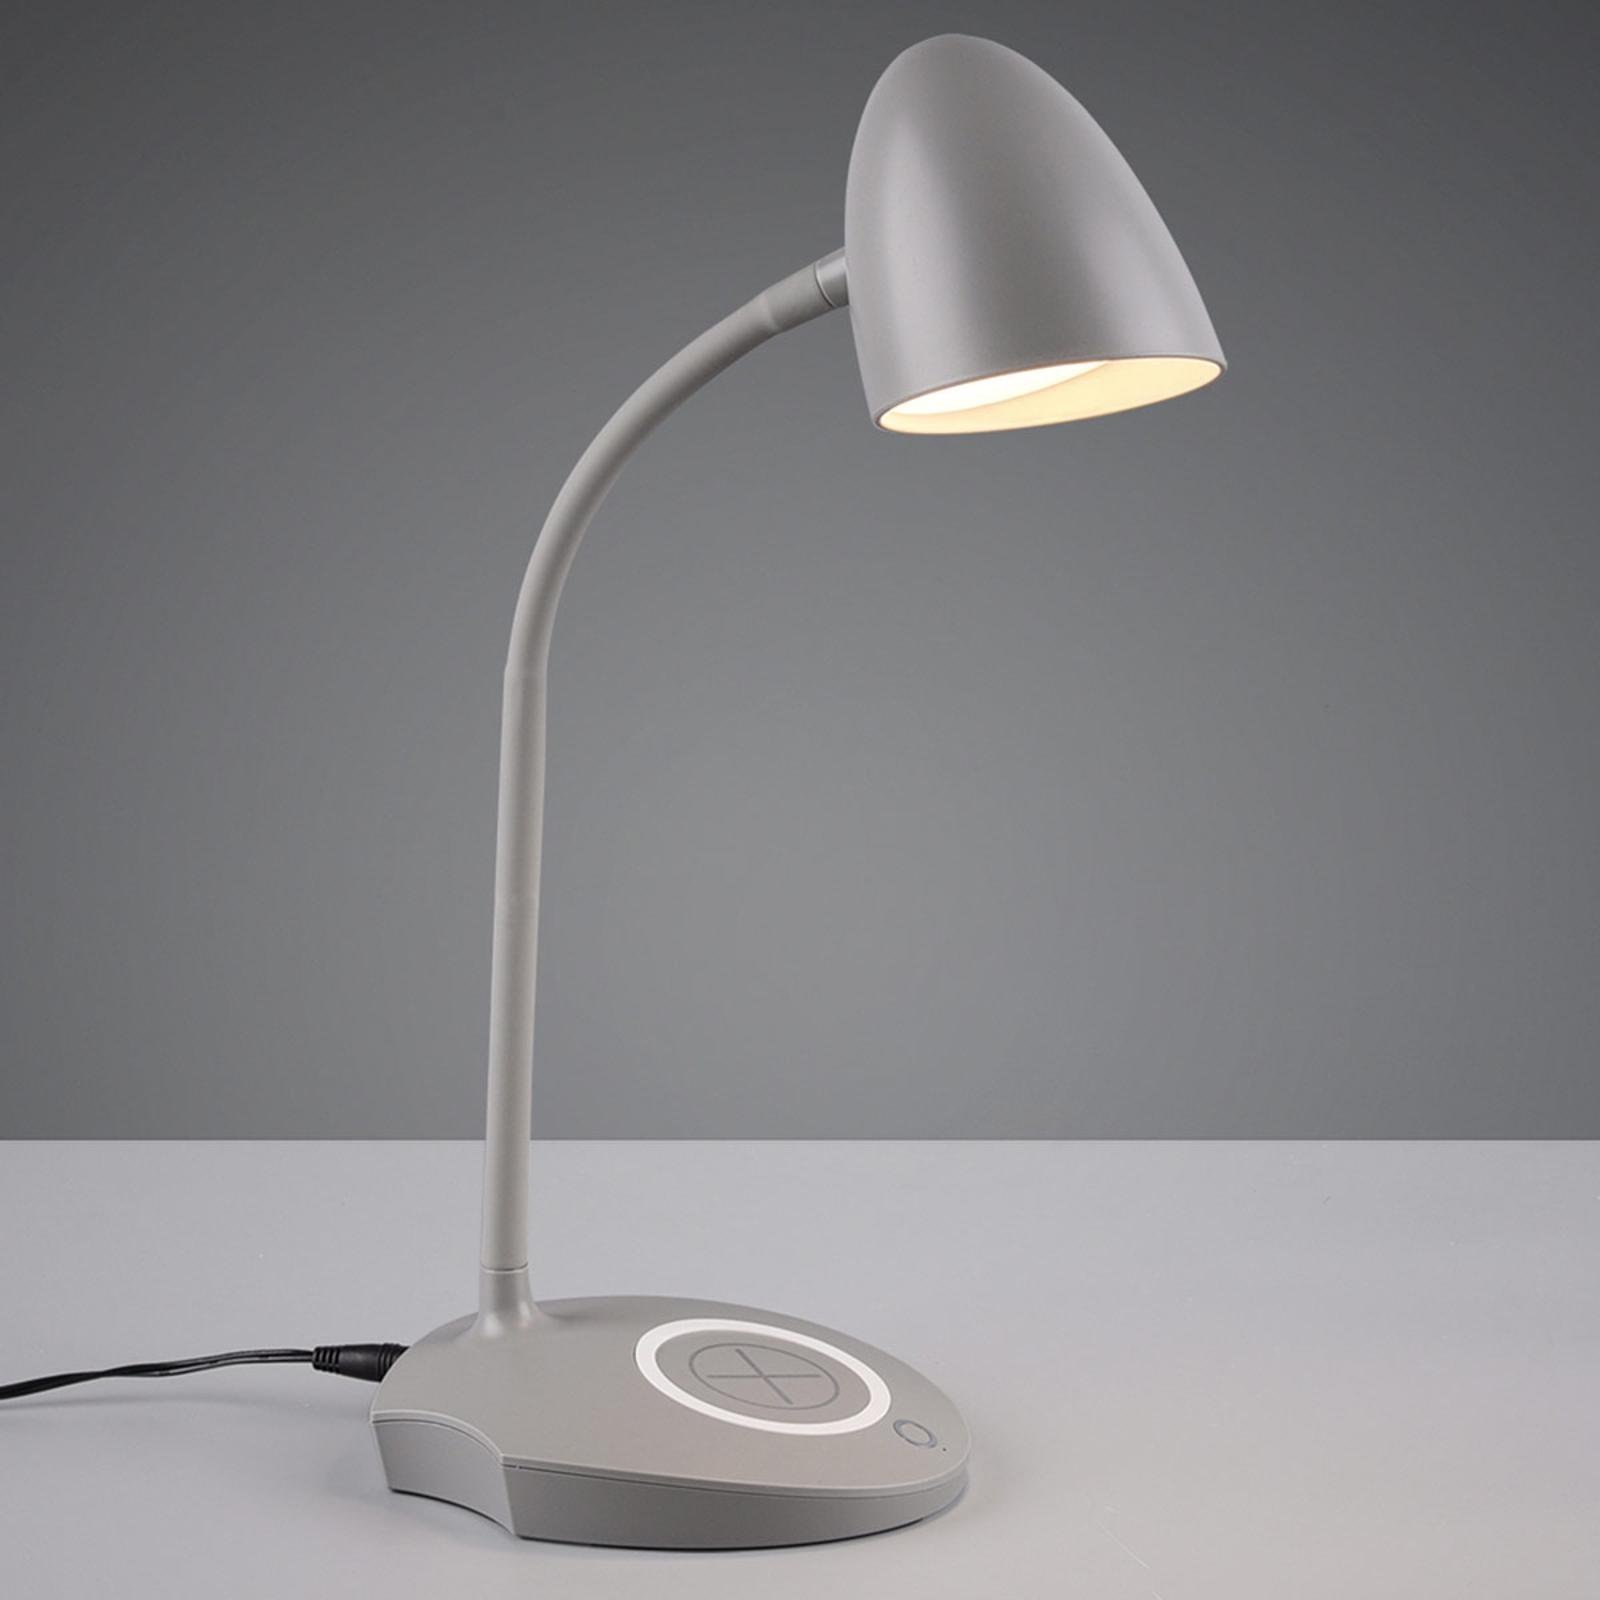 LED-Tischleuchte Load, induktive Ladestation, grau